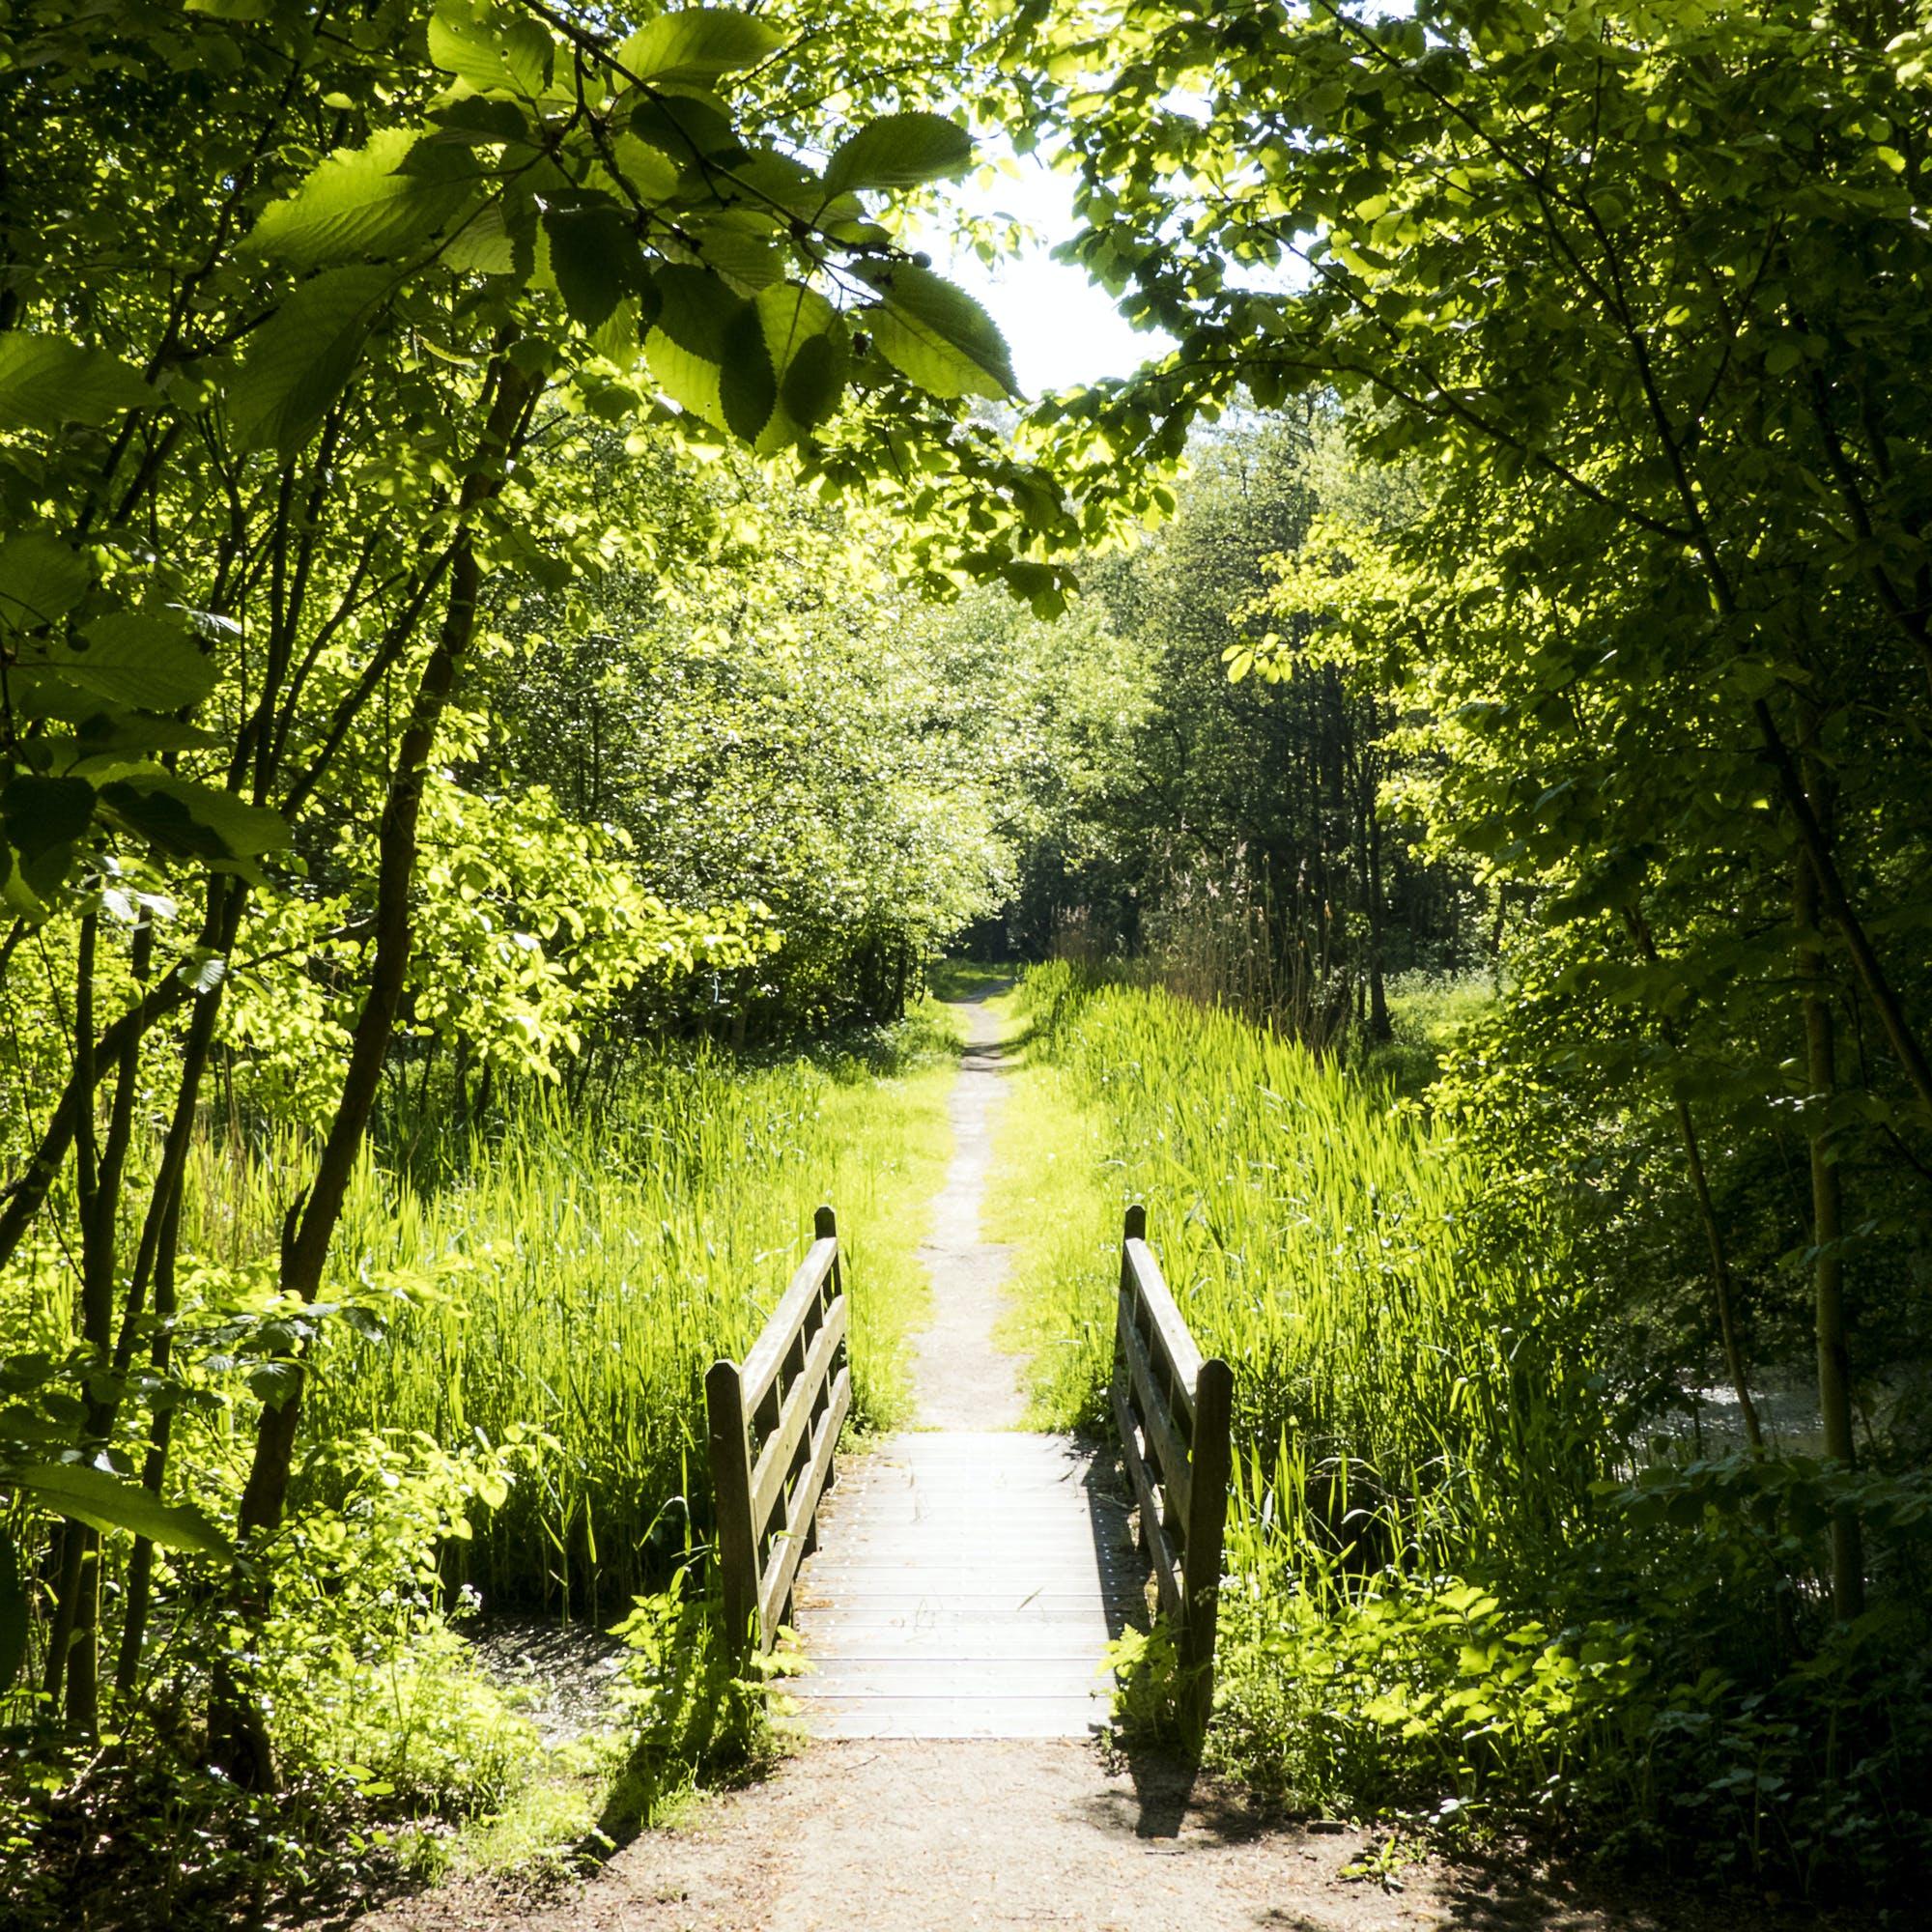 Δωρεάν στοκ φωτογραφιών με γρασίδι, δημοτικό πάρκο, μονοπάτι, ξύλινη γέφυρα